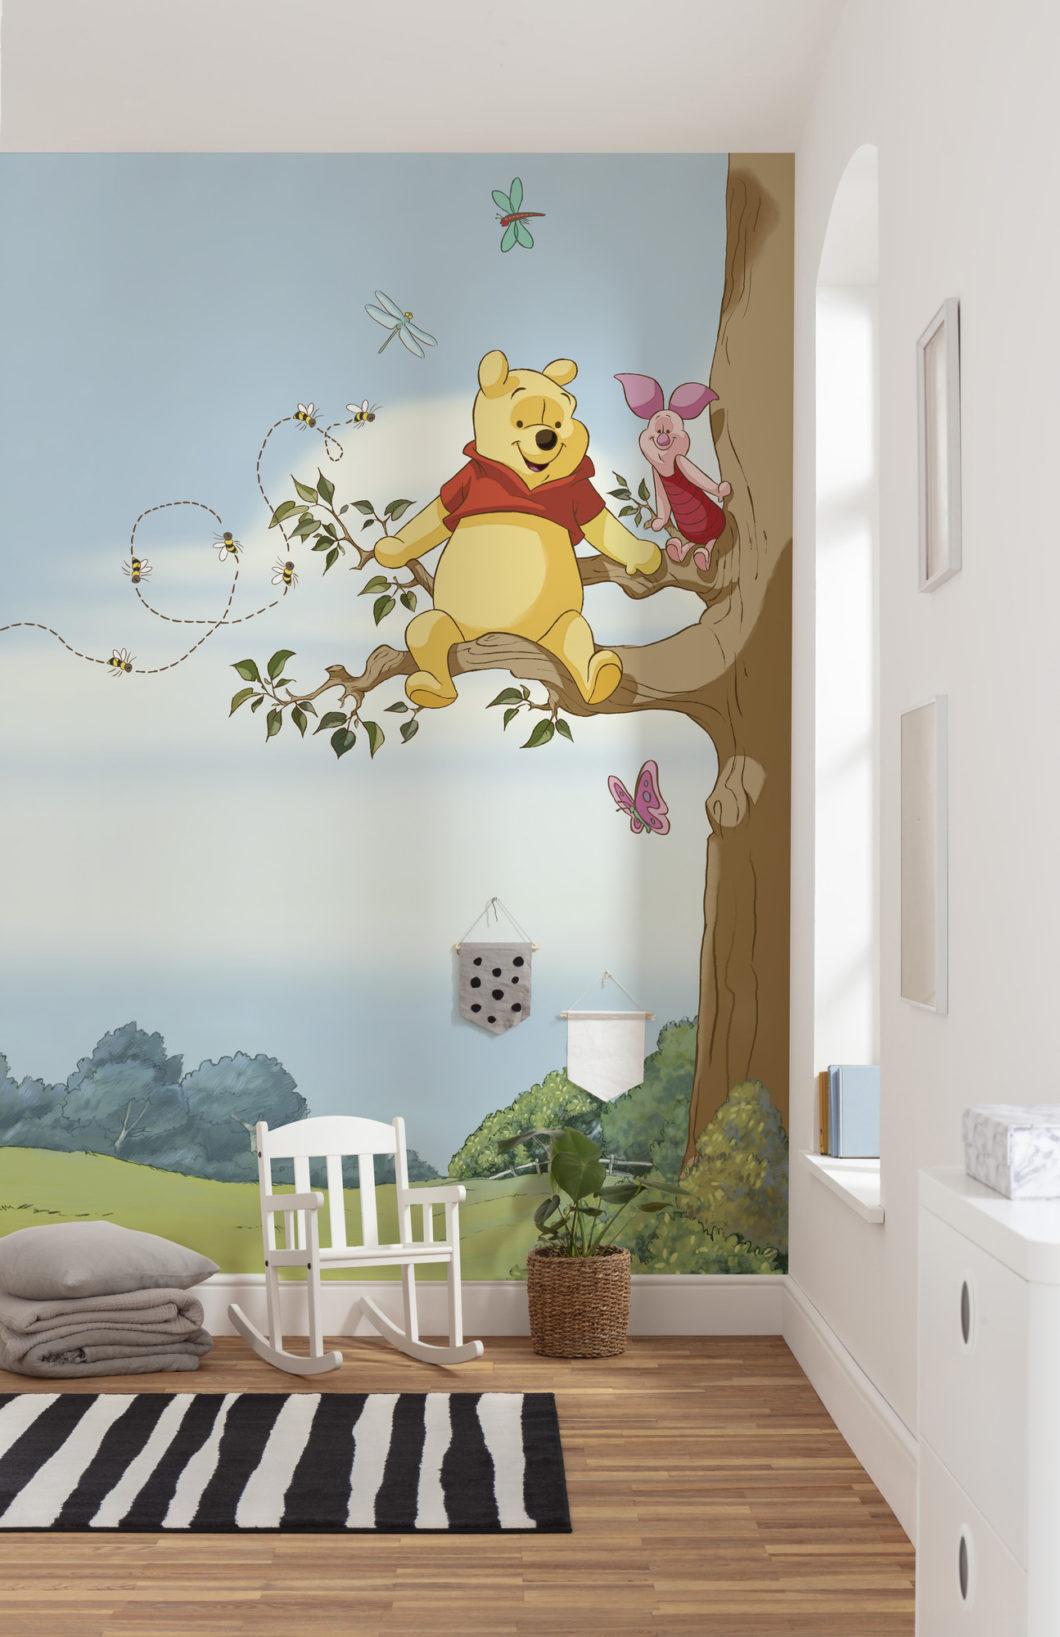 Fototapety z Kubusiem Puchatkiem - ulubiona bajka we wnętrzu pokoju dziecięcego